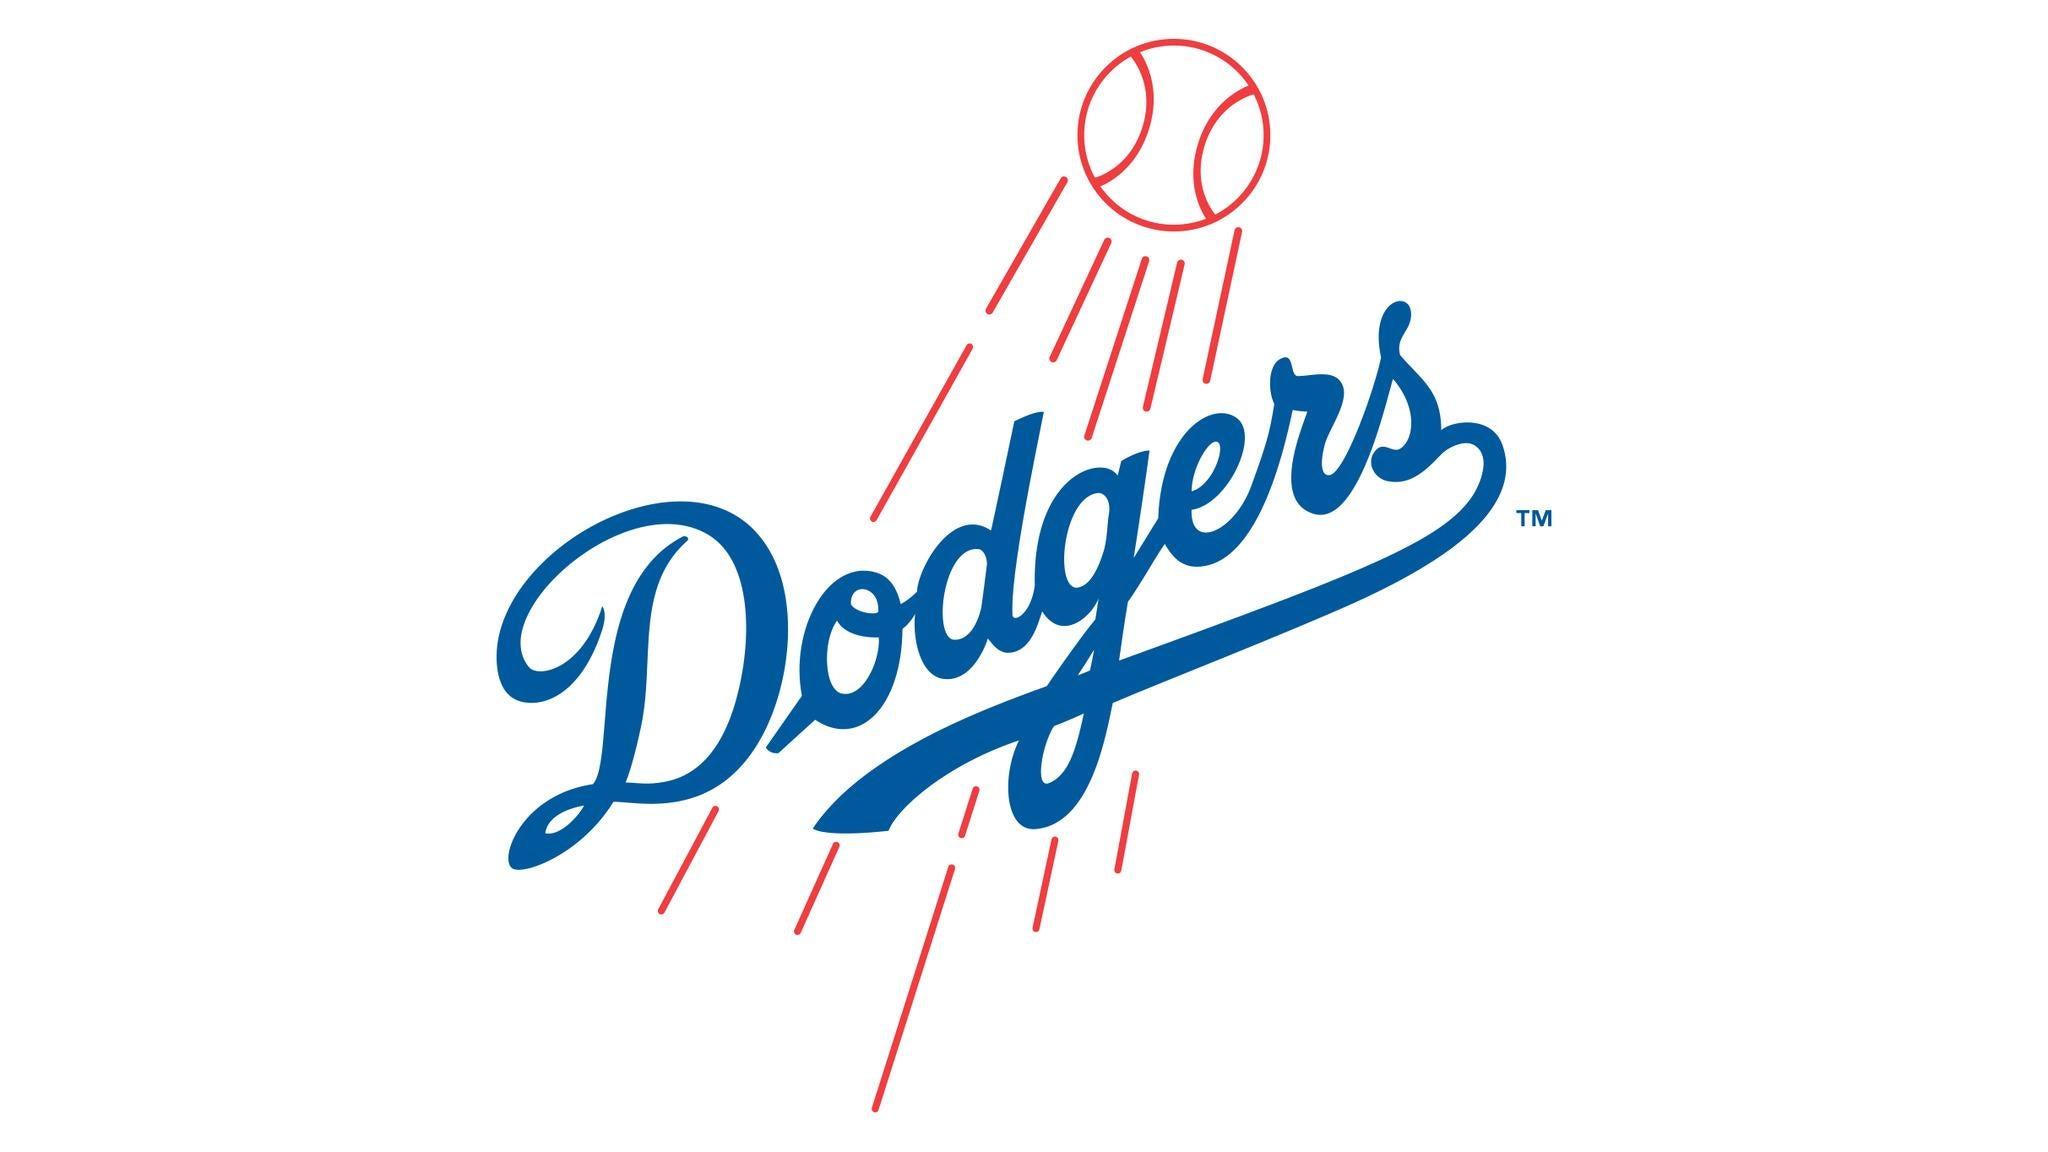 Los Angeles Dodgers vs. Houston Astros